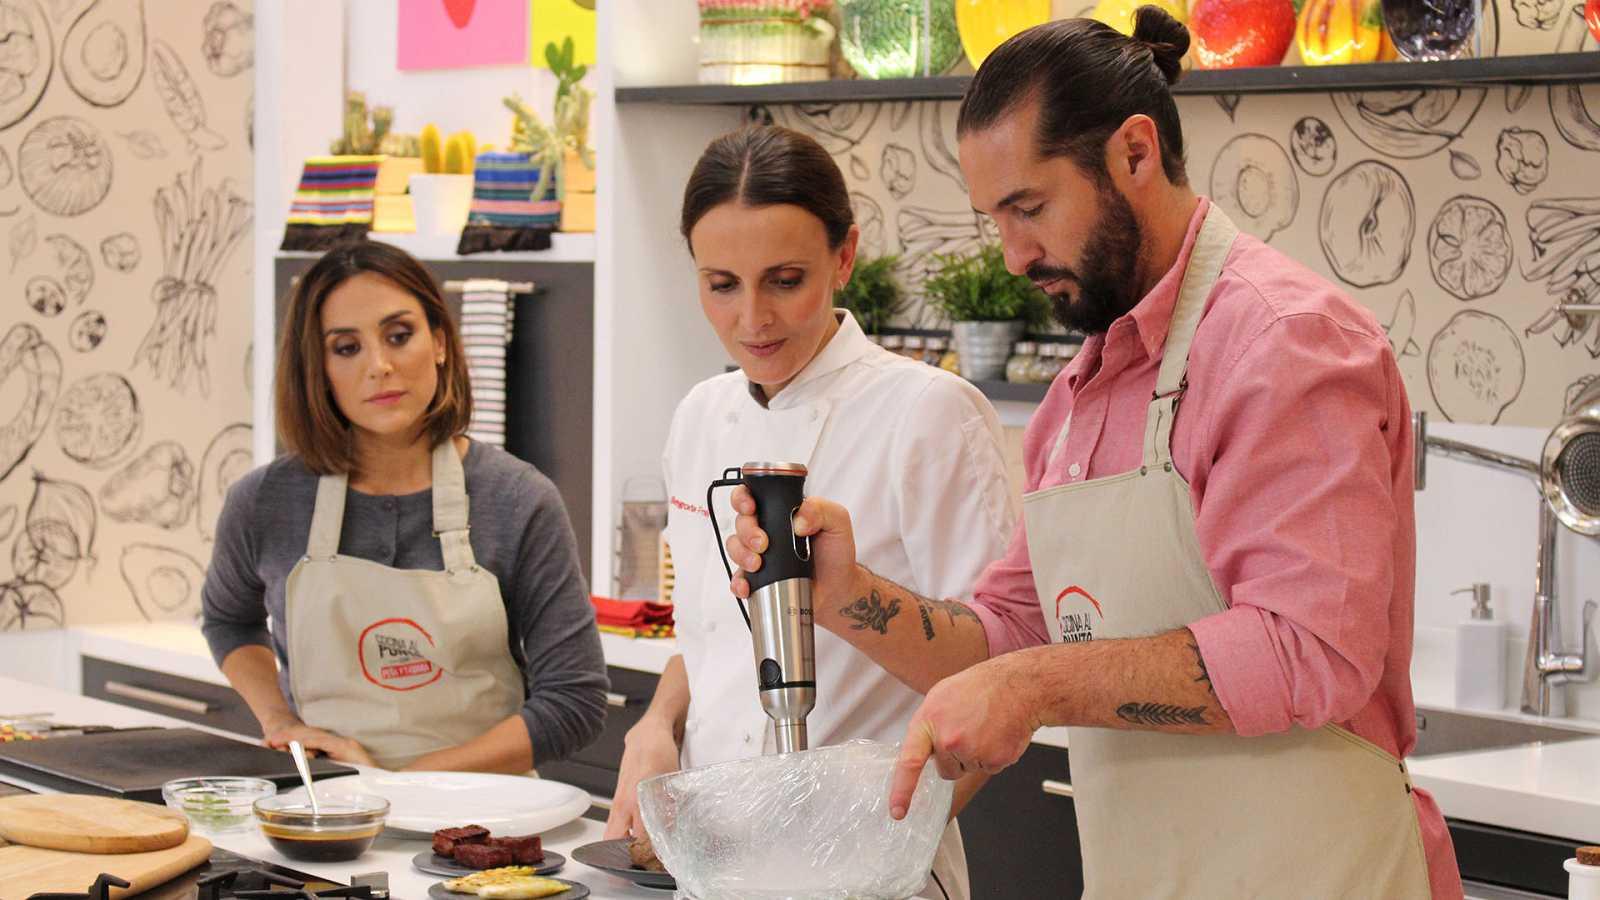 Cocina al punto con Peña y Tamara - Arroz negro con calamares con majado de perejil - ver ahora